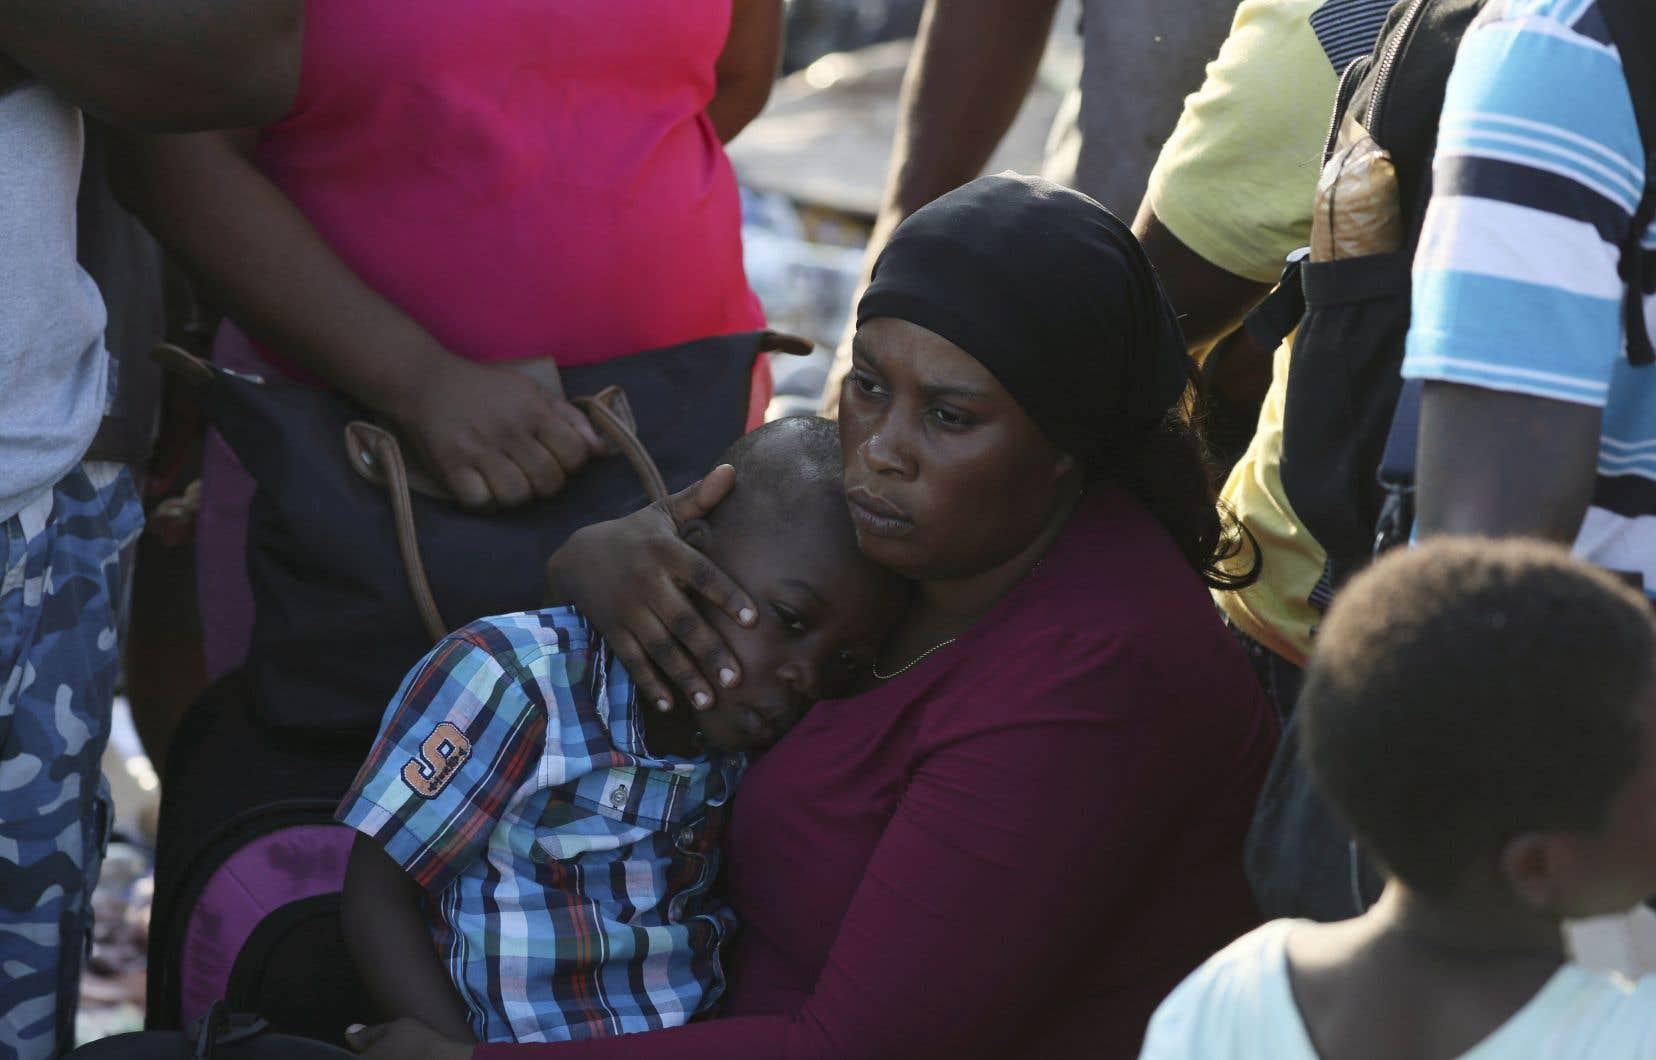 Samedi matin, plusieurs centaines de personnes, dont beaucoup d'immigrés haïtiens, attendaient toujours à Marsh Harbour, sur l'île de Great Abaco, dans l'espoir de quitter la zone sinistrée.